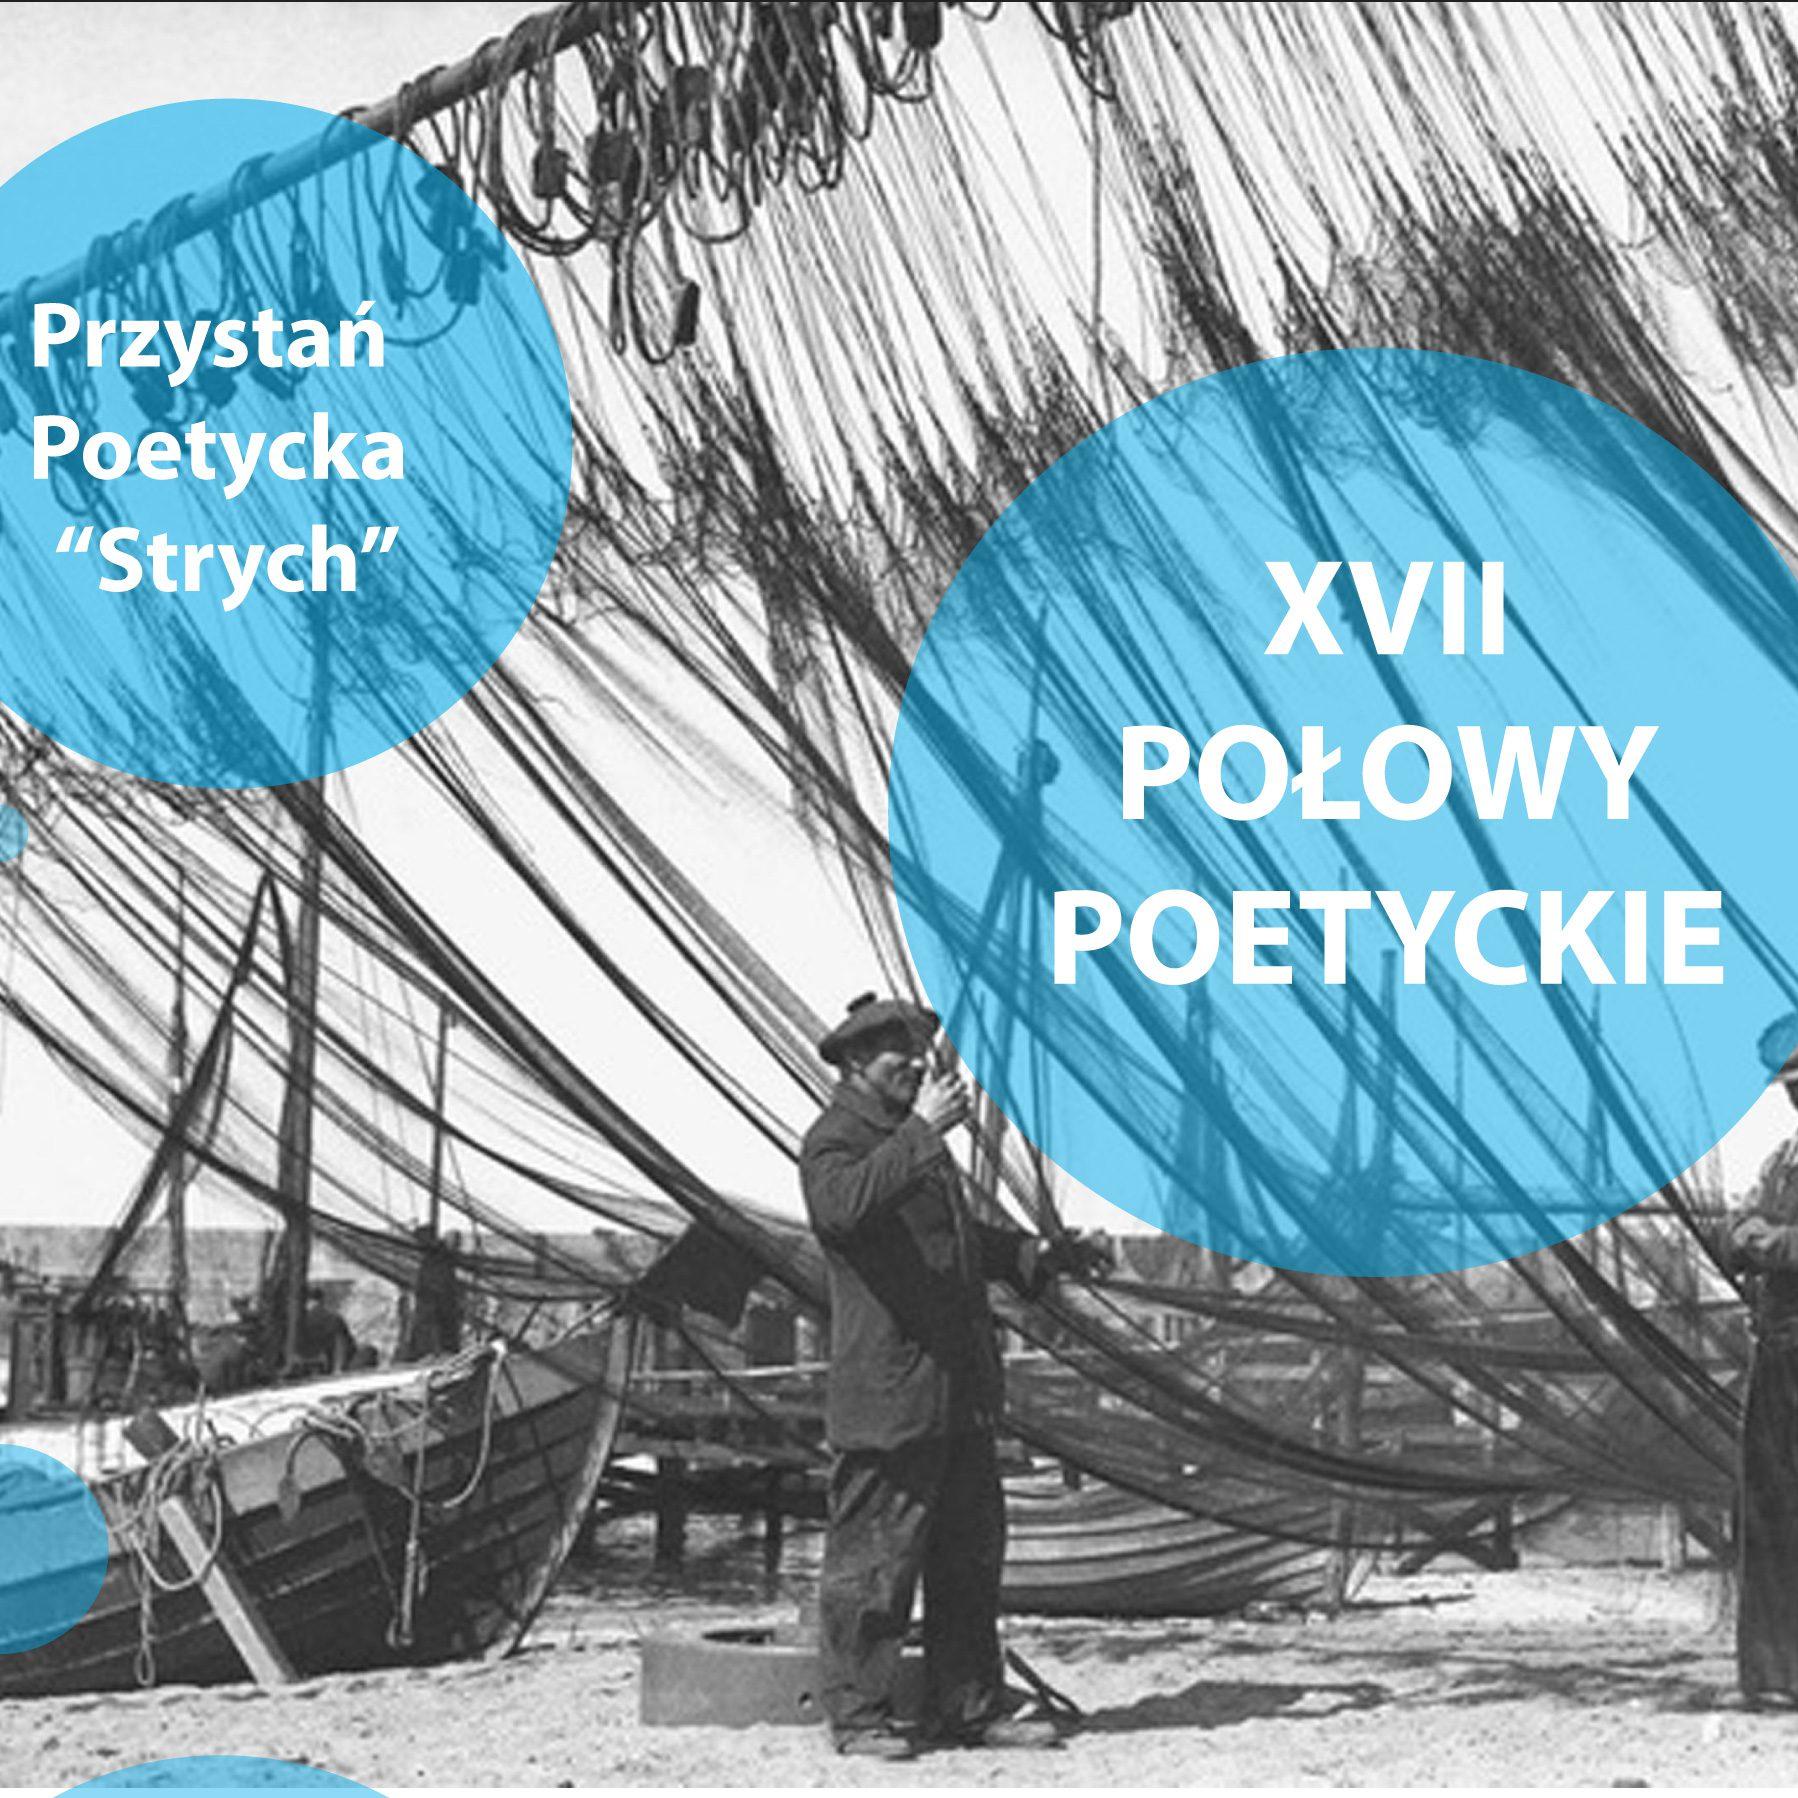 XVII Połowy Poetyckie